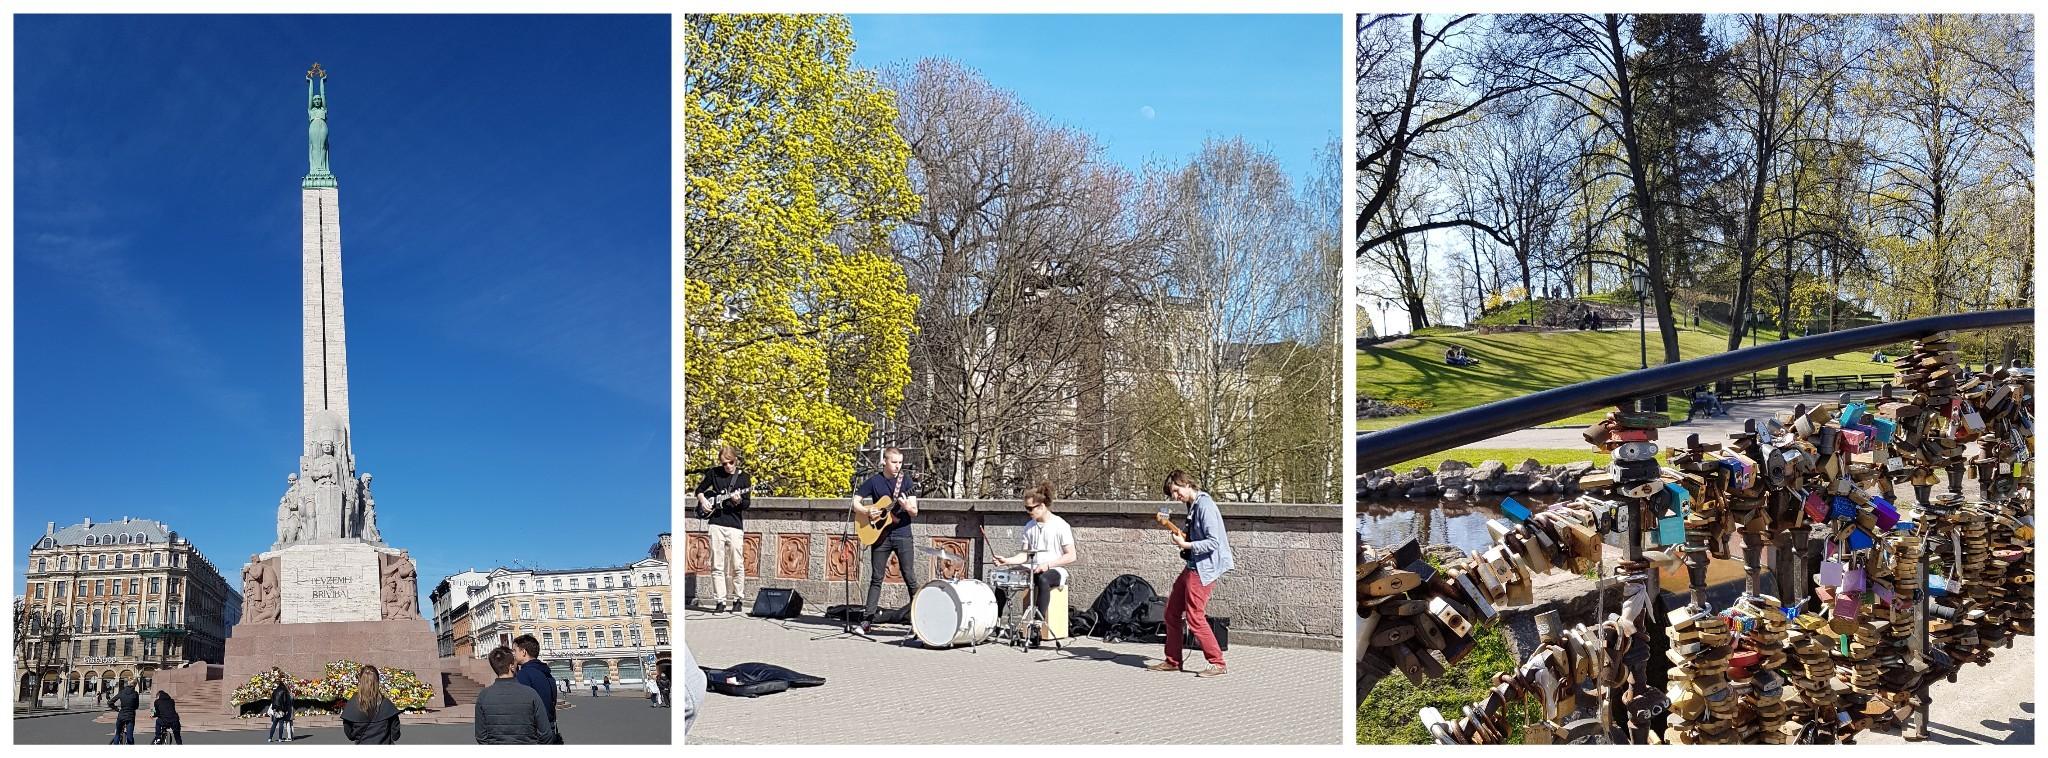 Freiheitsdenkmal und Park in Riga